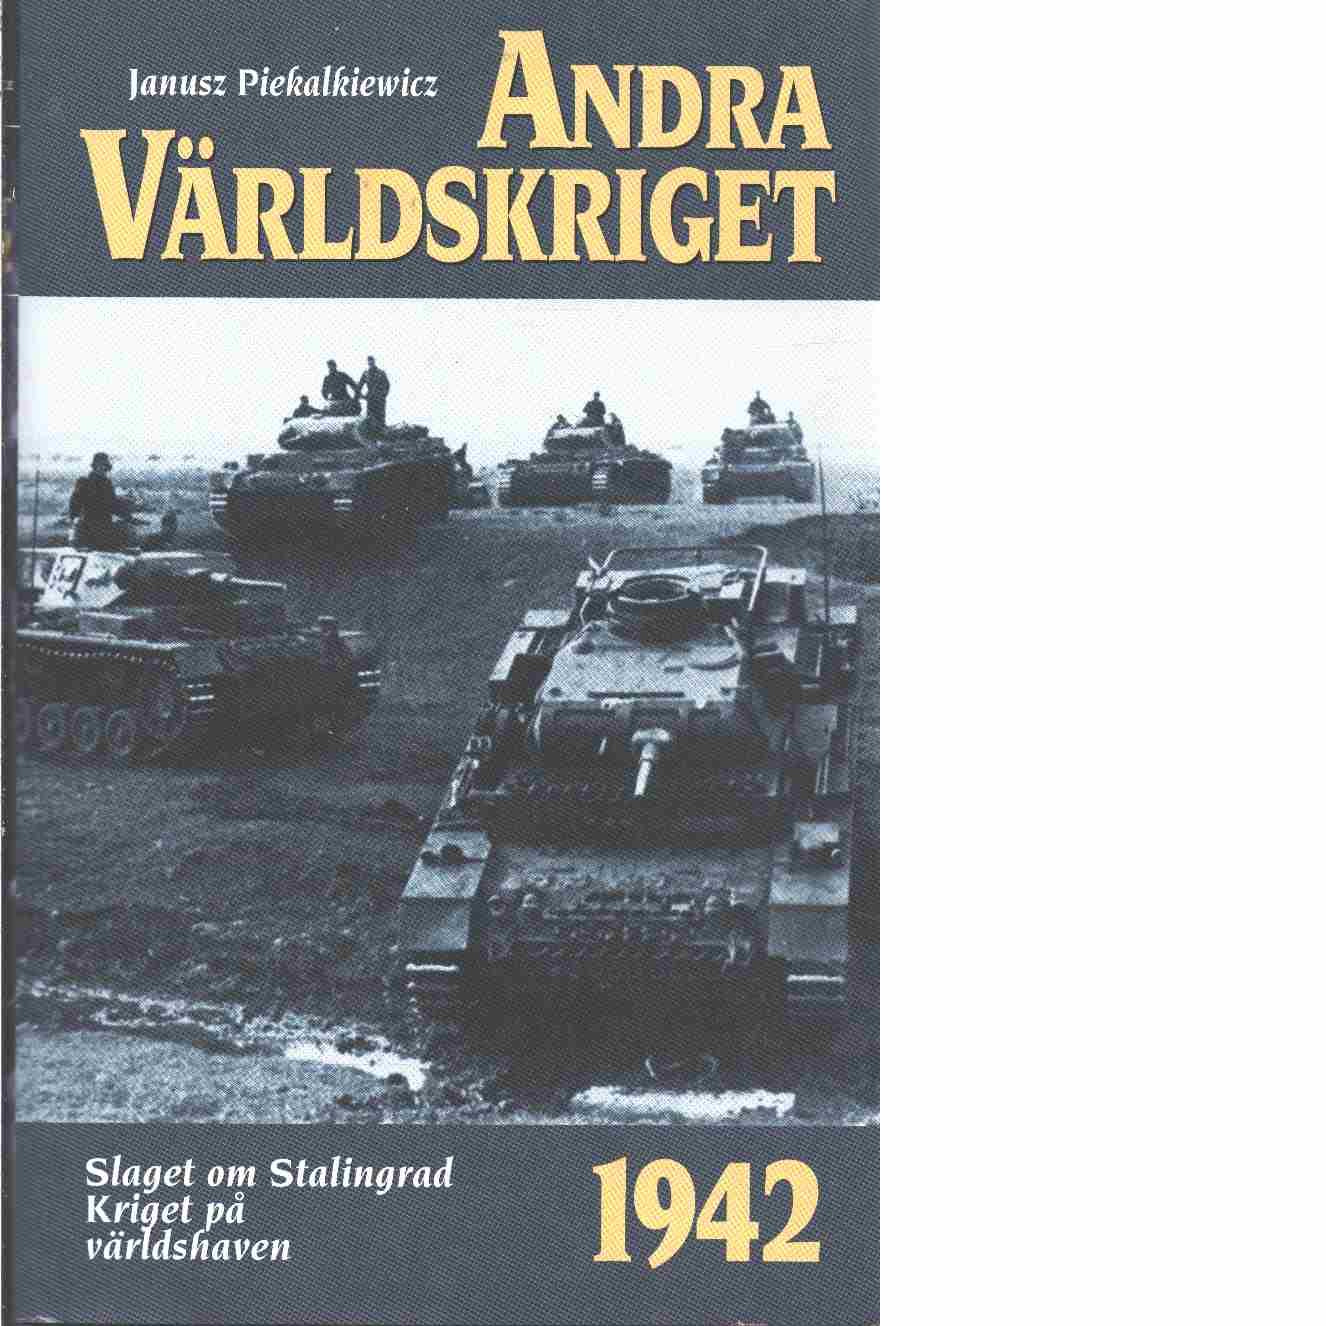 Andra världskriget. 6, 1942 års händelser - Piekalkiewicz, Janusz